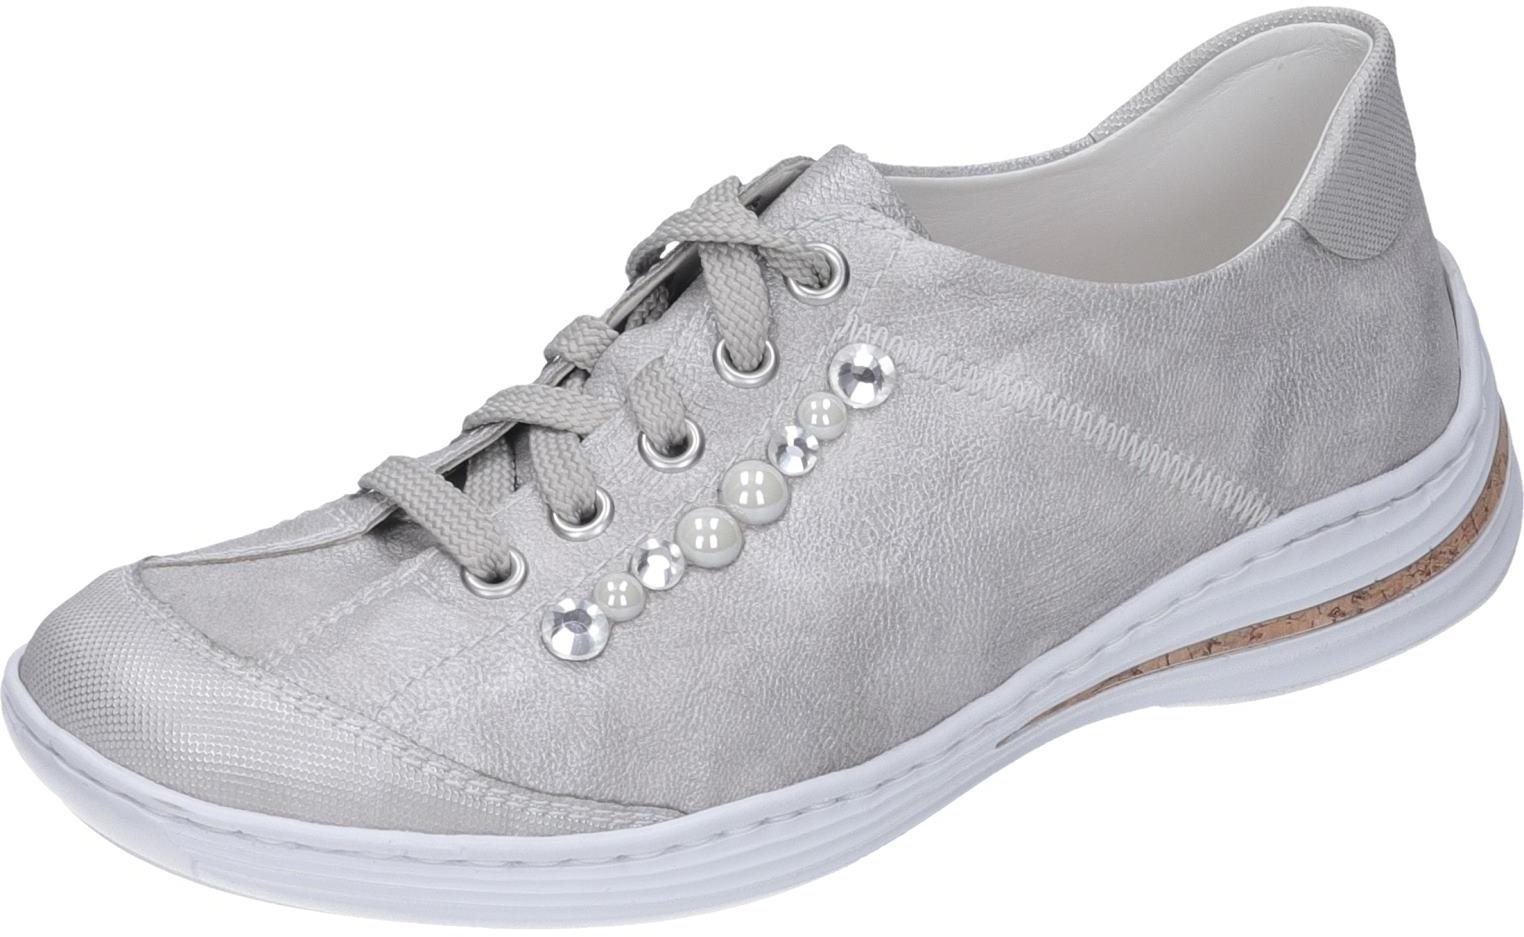 Details zu Rieker Damen Schuhe Schnürer silber Synthetik NEU